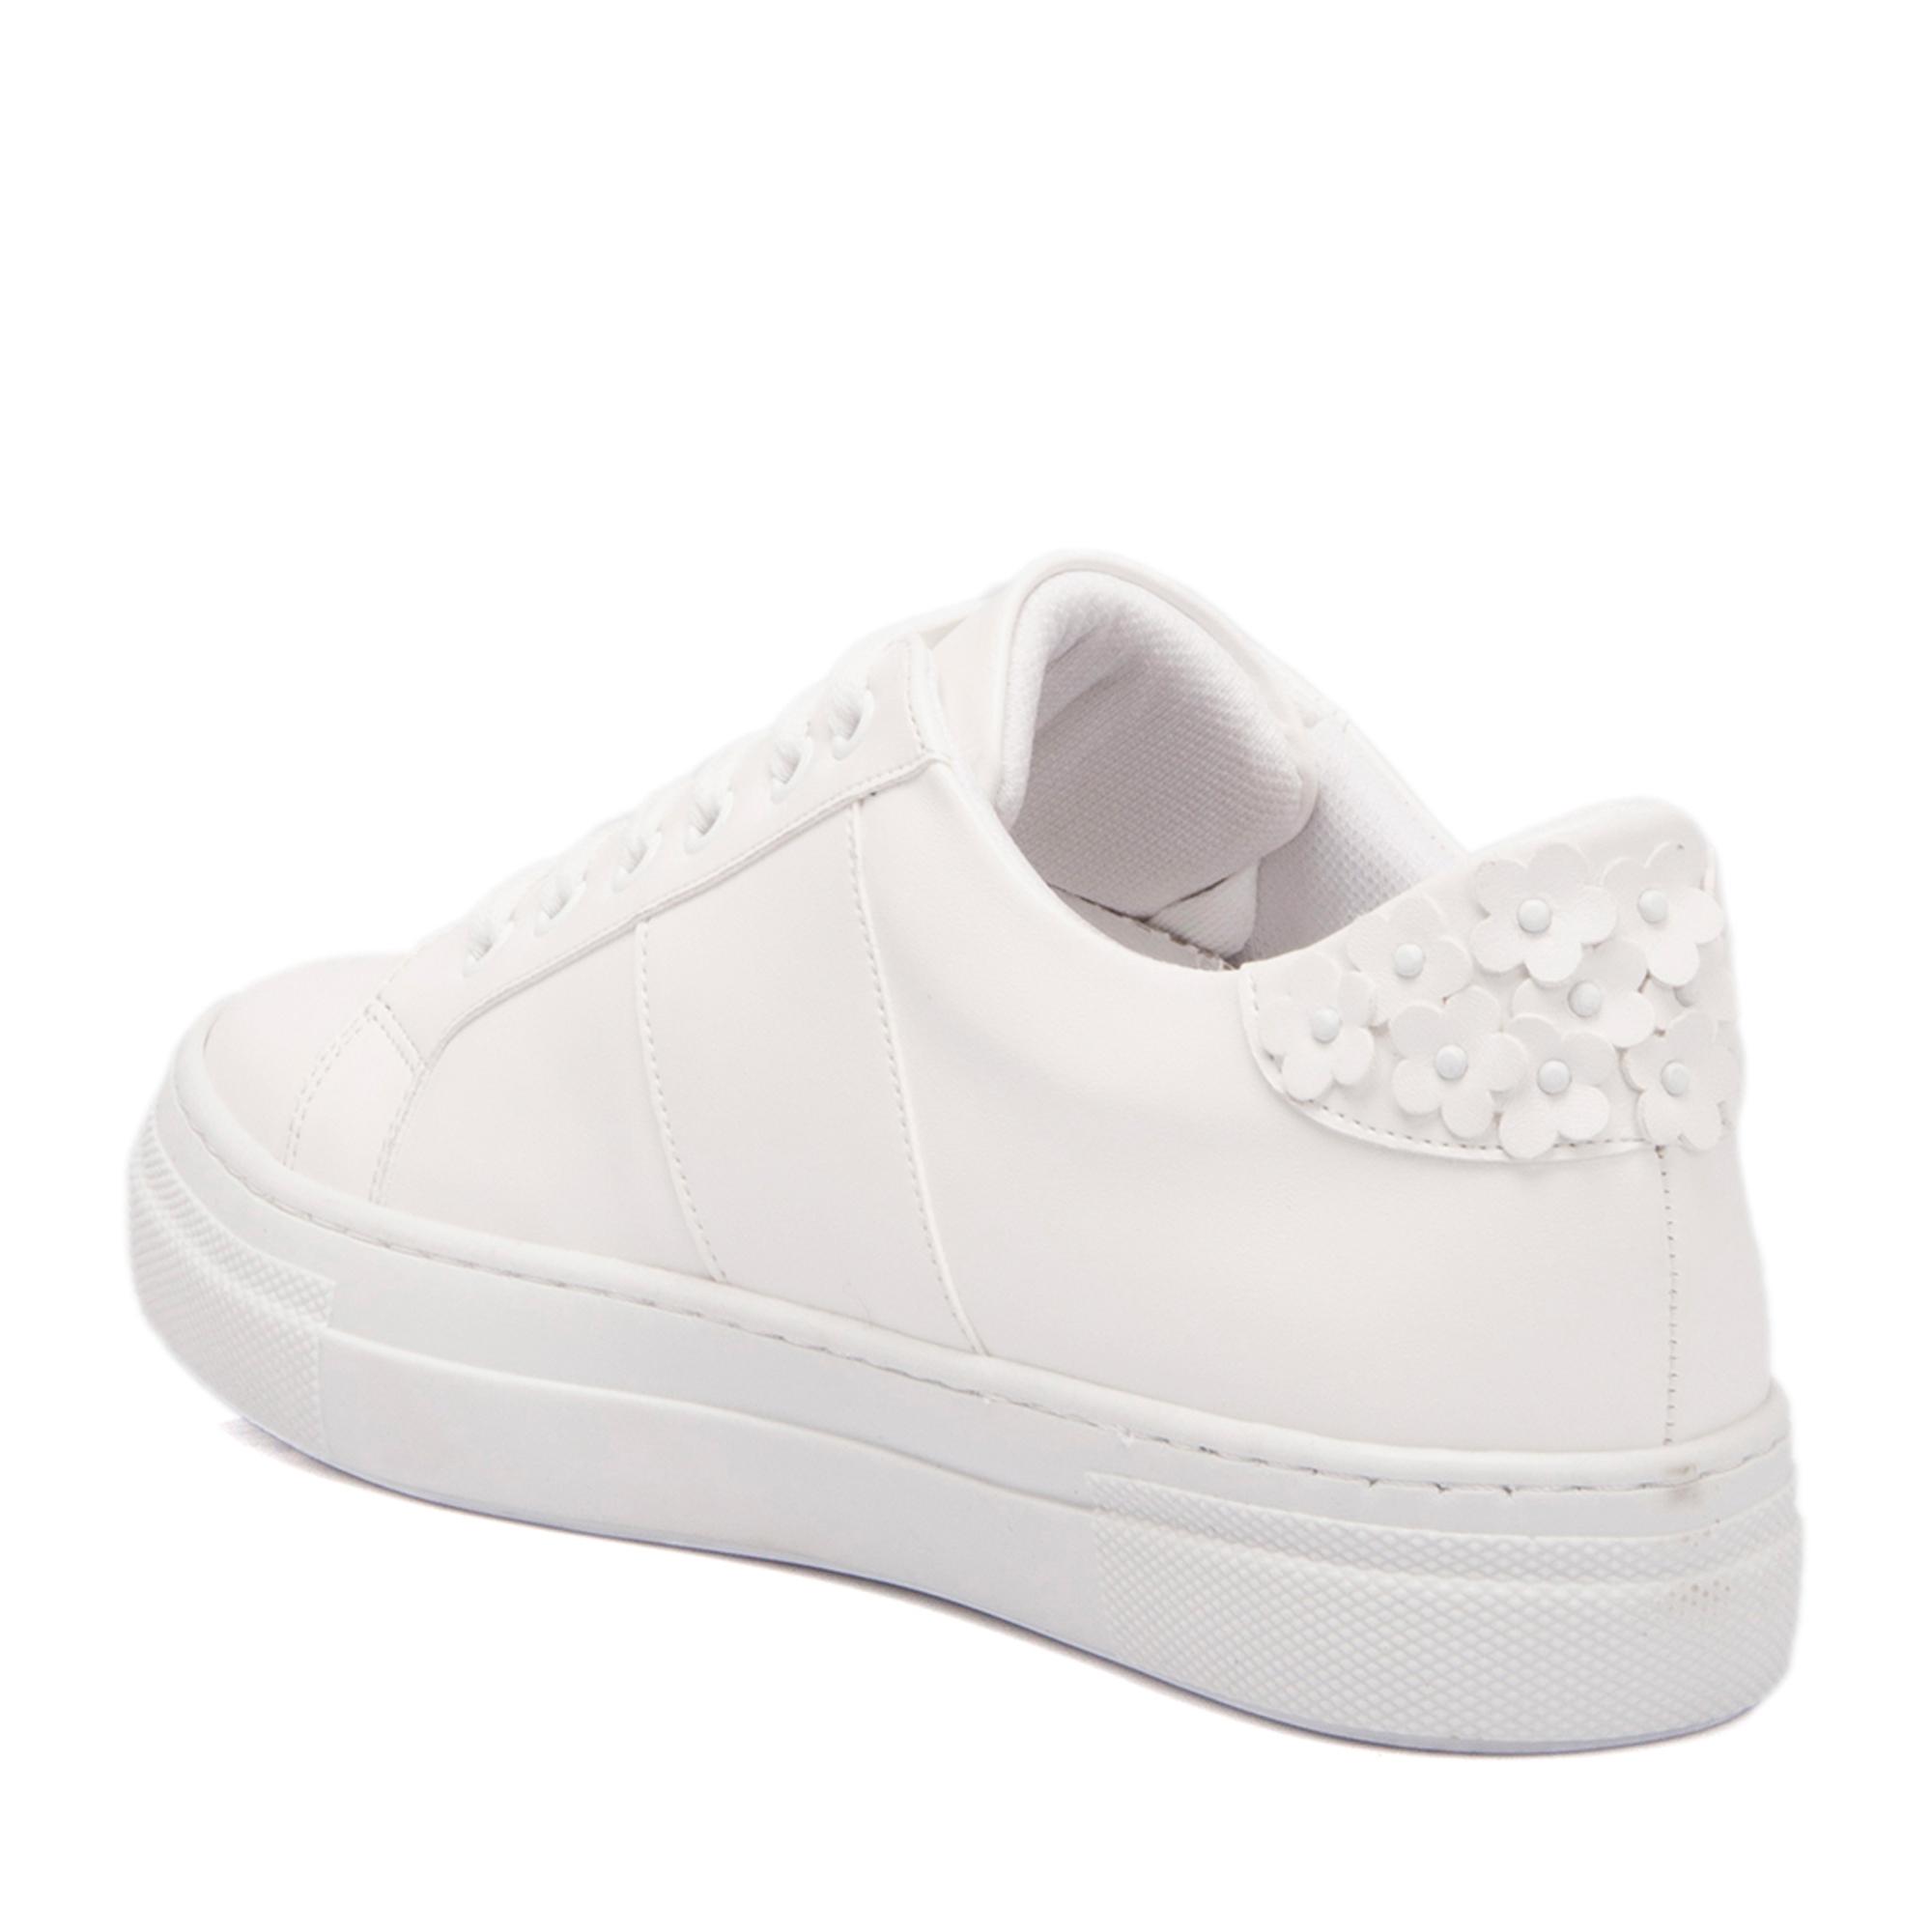 Beyaz Kadın Ayakkabı 64257D93